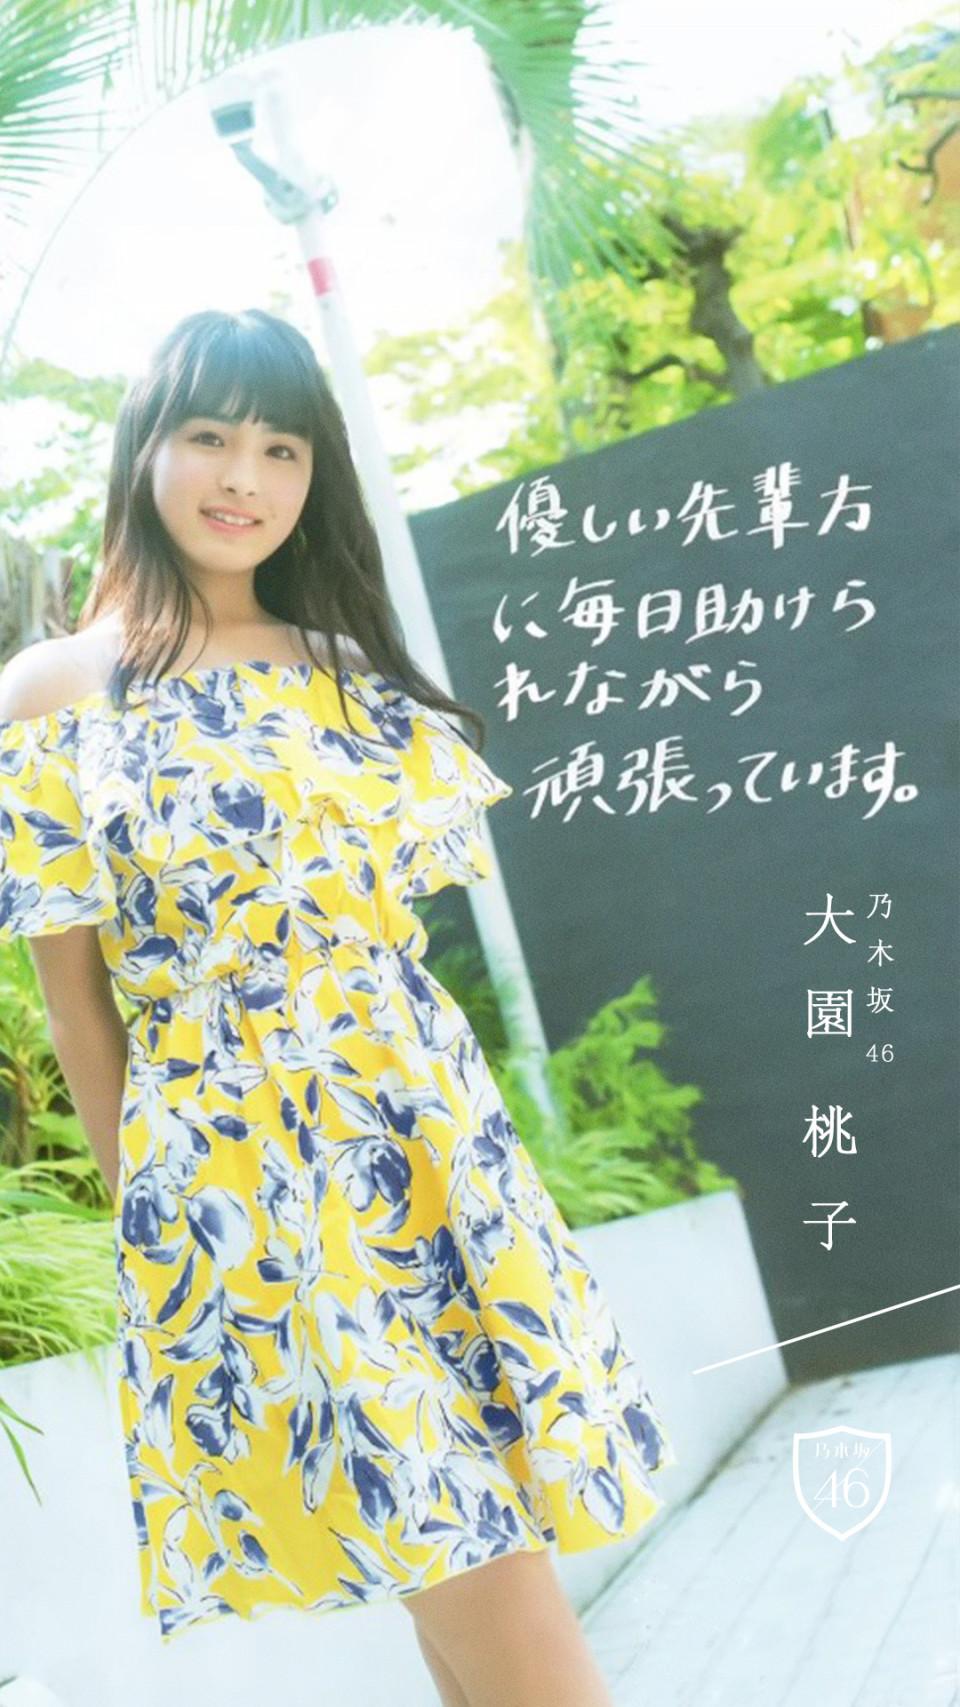 乃木坂46 大園桃子スマホ壁紙画像 170823 02 乃木坂46壁紙